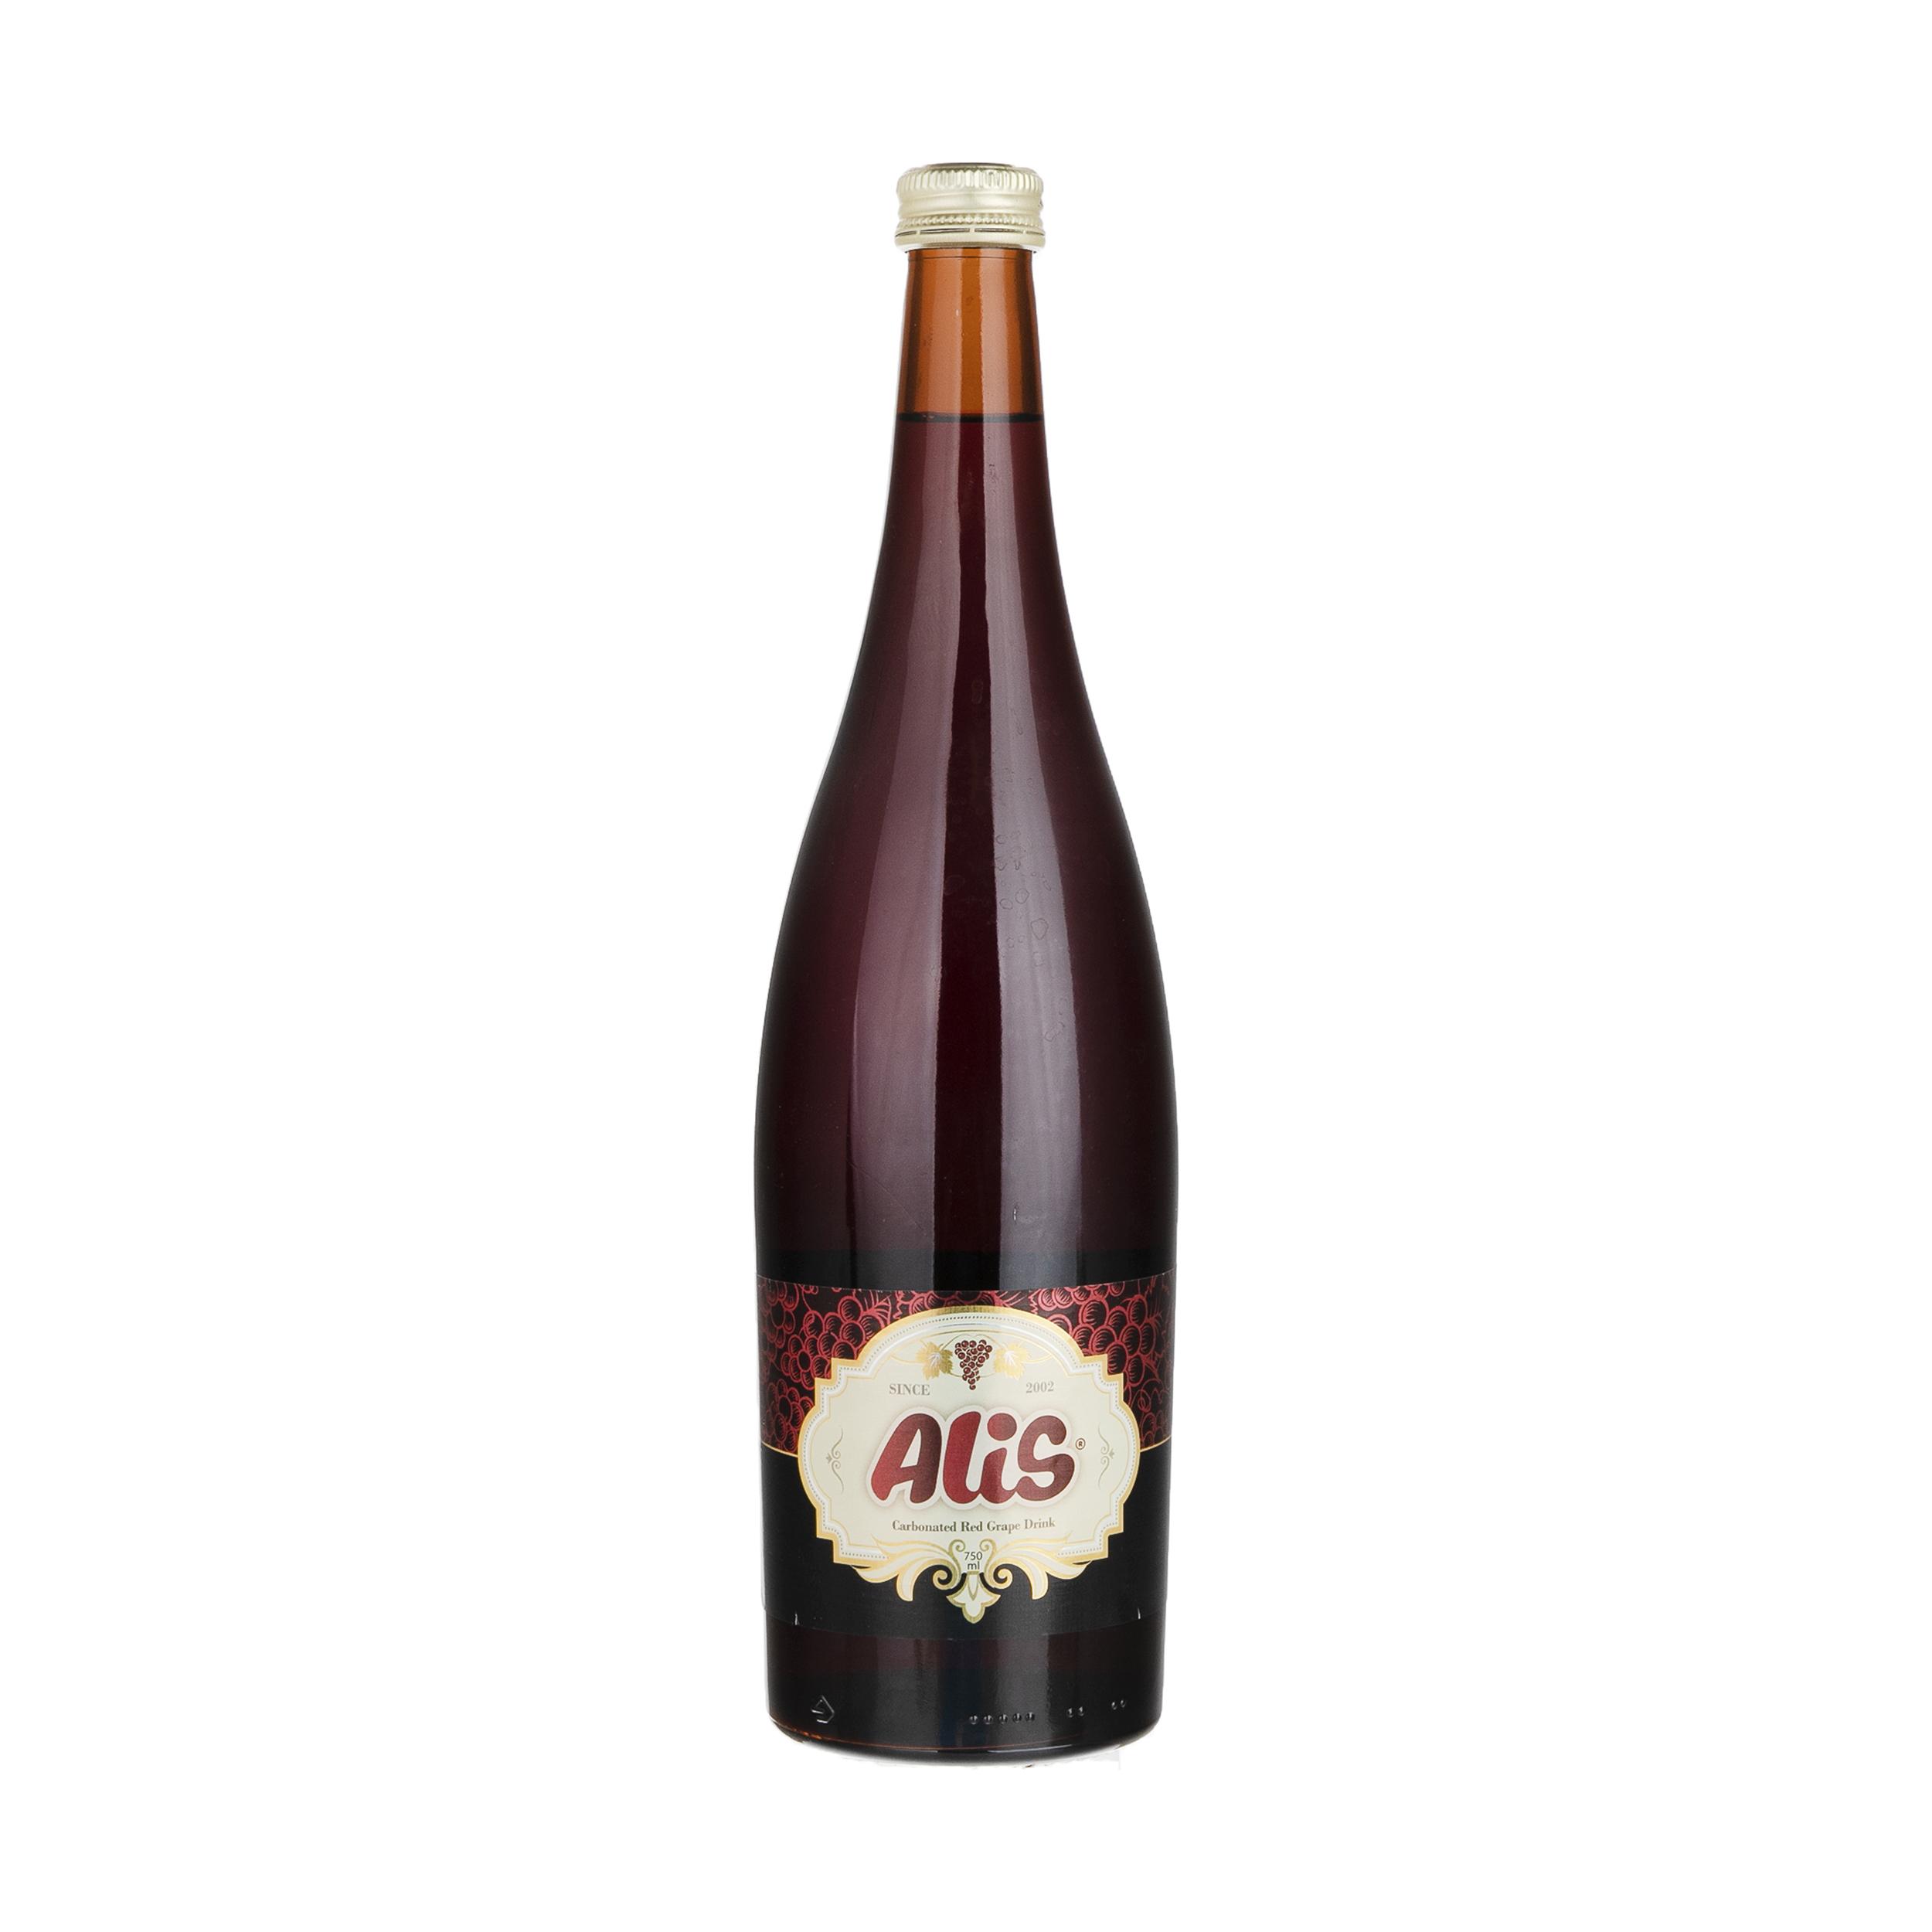 نوشیدنی گازدار عالیس با طعم انگور قرمز  - 750 میلی لیتر